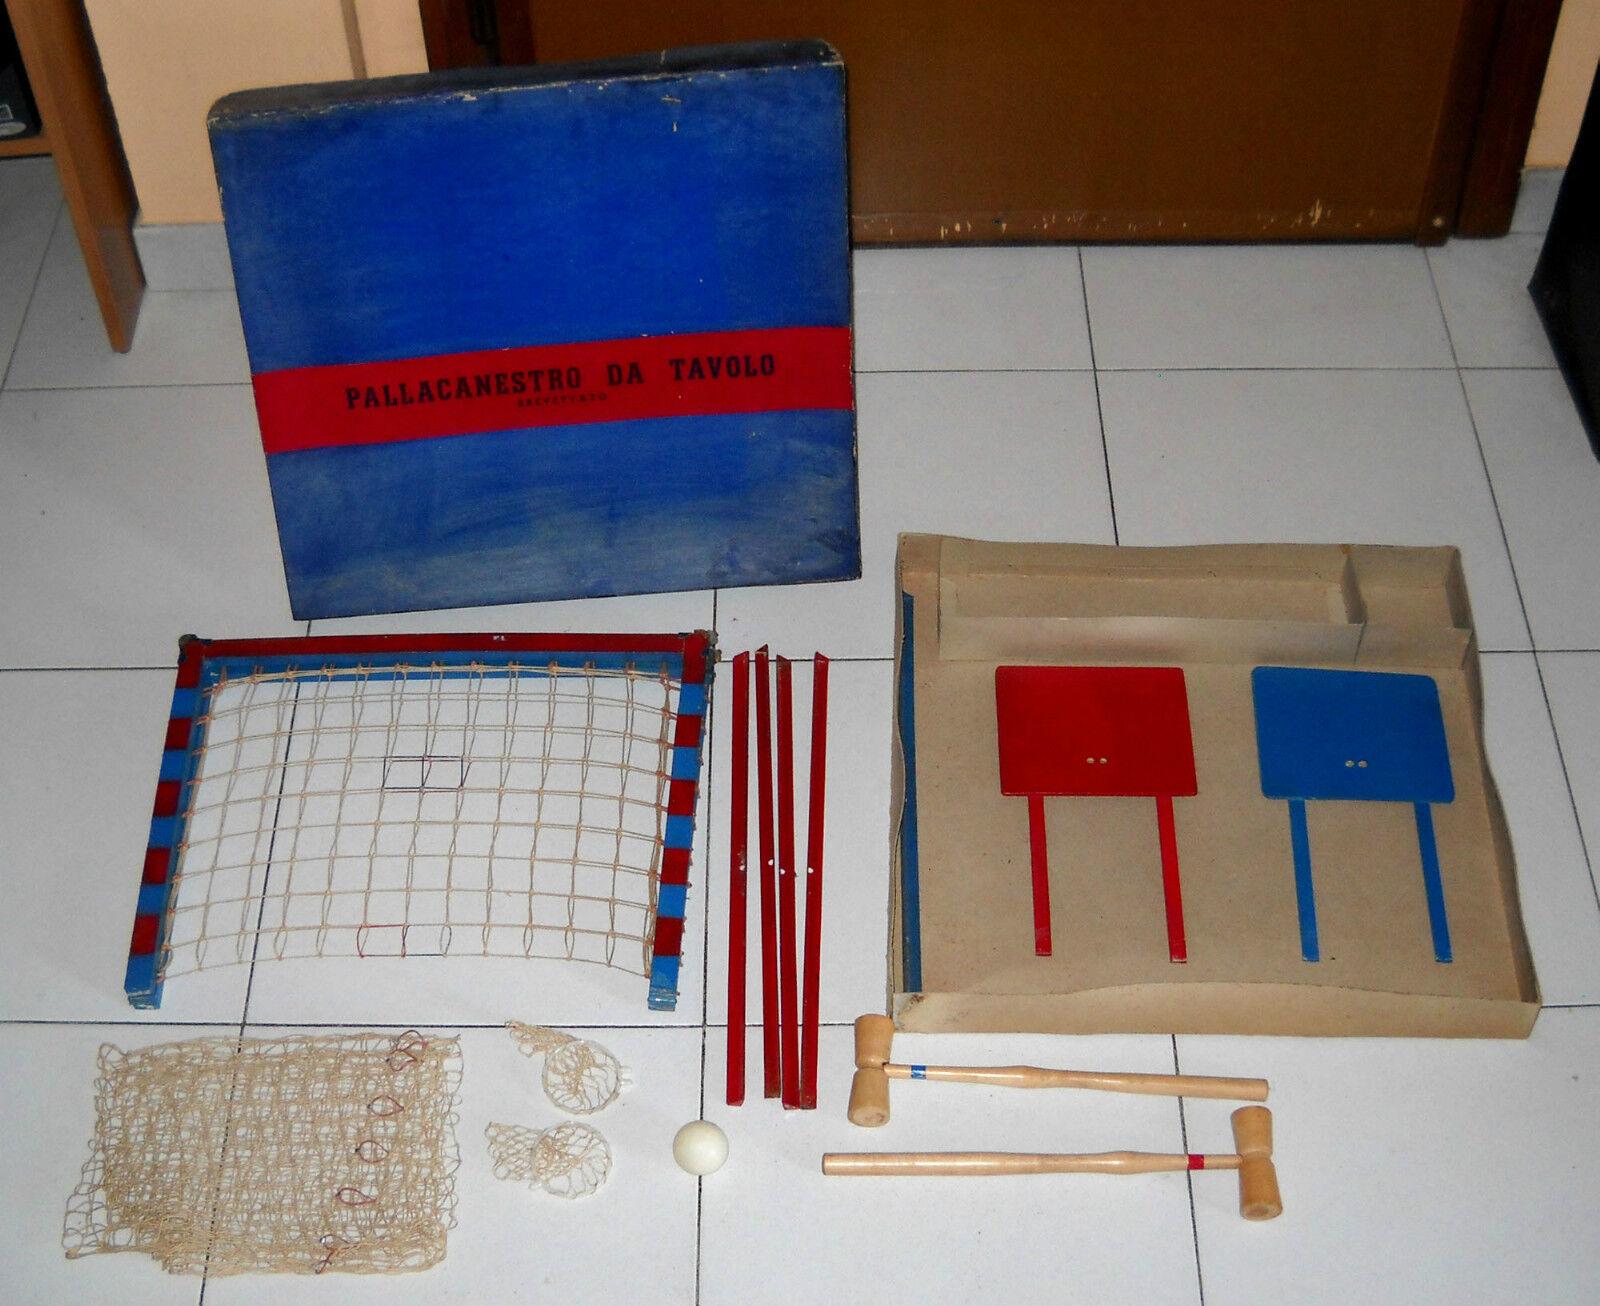 PtuttiACANESTRO DA TAVOLO  Brevettato Anni 50 in legno Basket  le migliori marche vendono a buon mercato